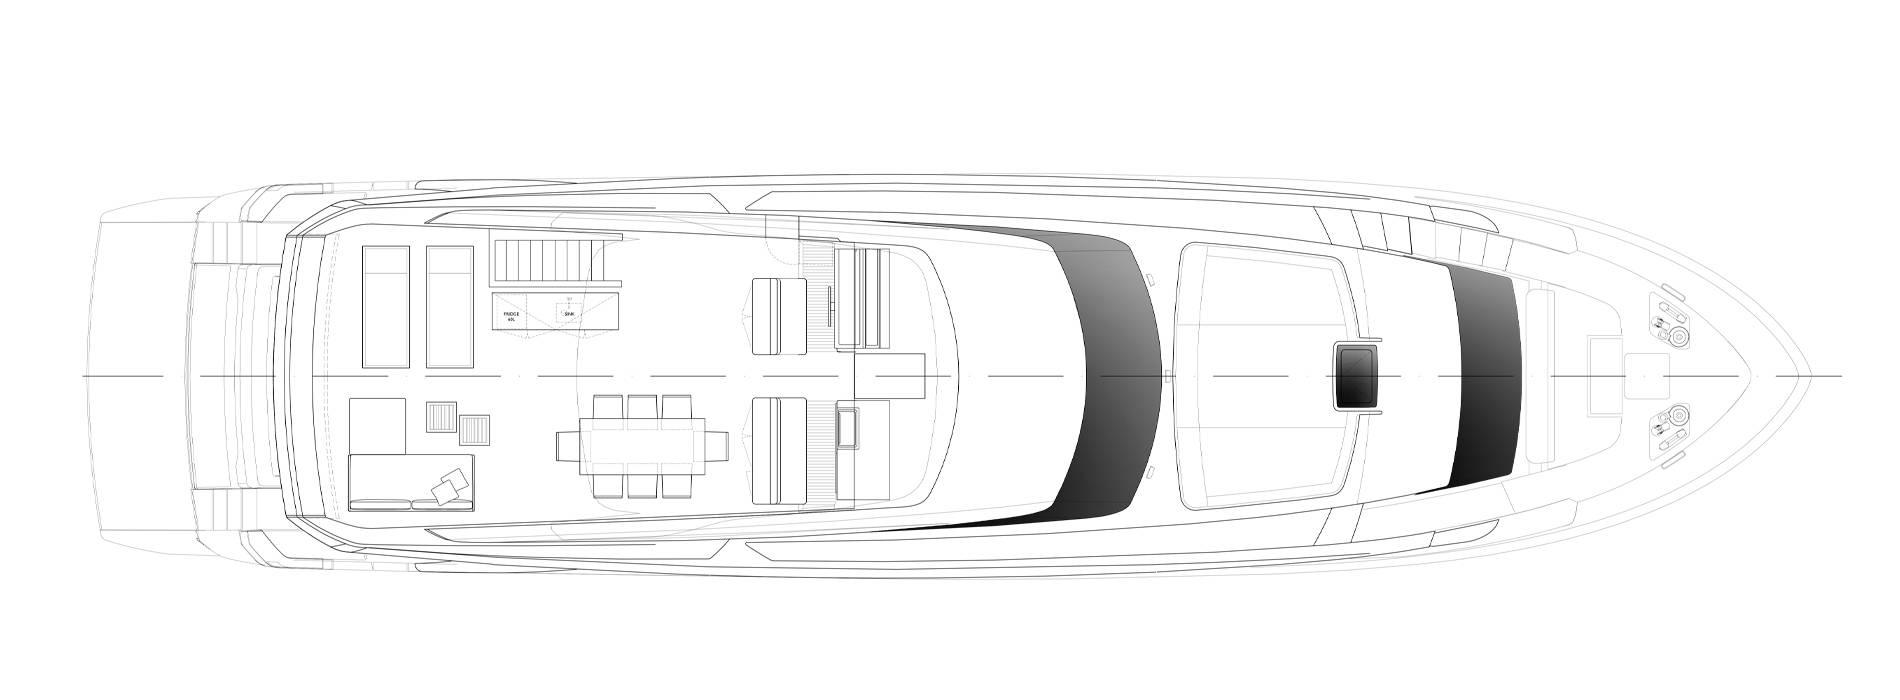 Sanlorenzo Yachts SL90 Asymmetric Außendeck